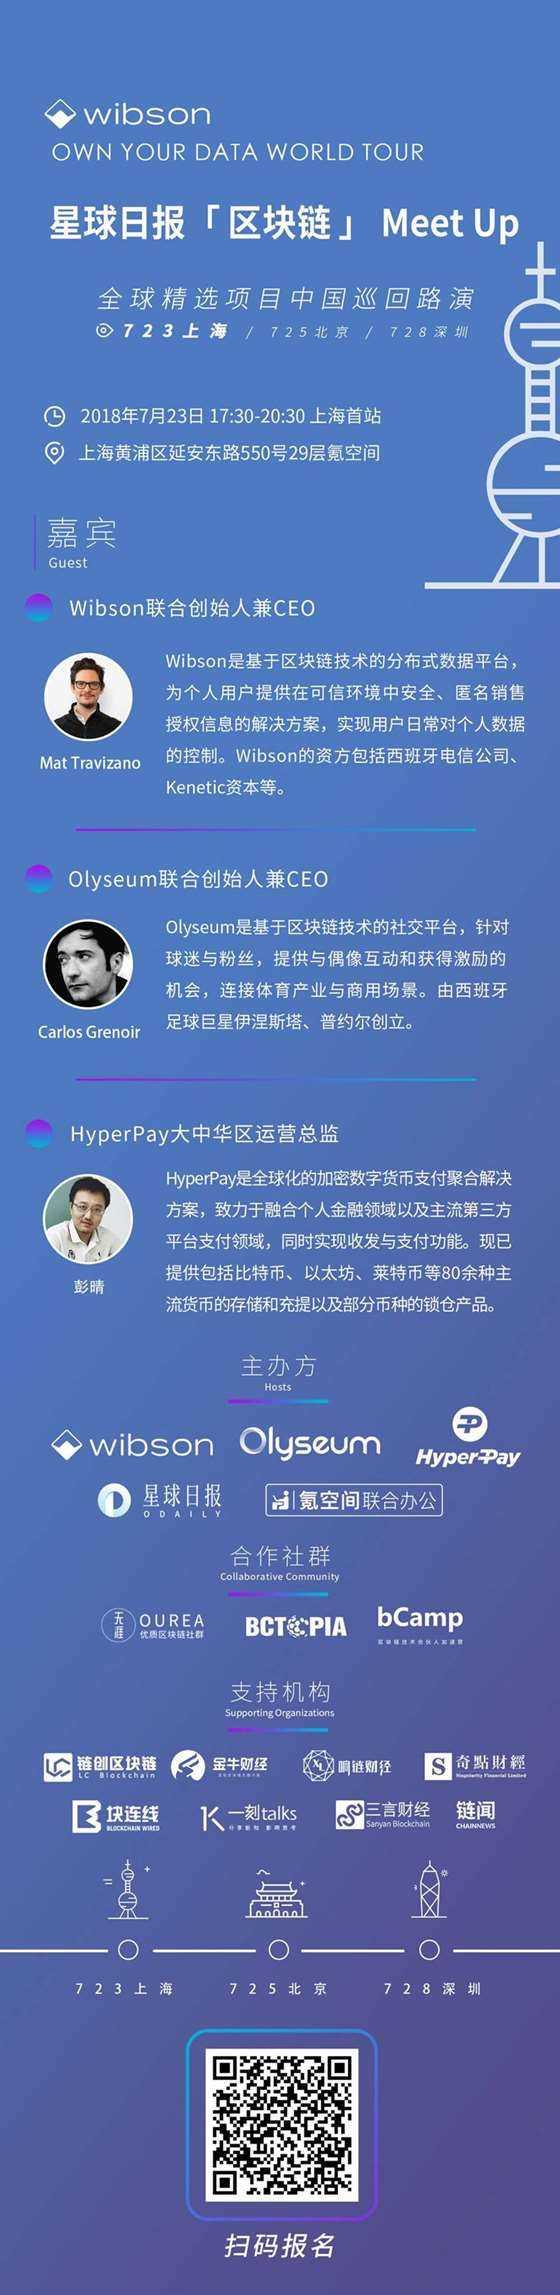 上海海报-中文0720.jpg